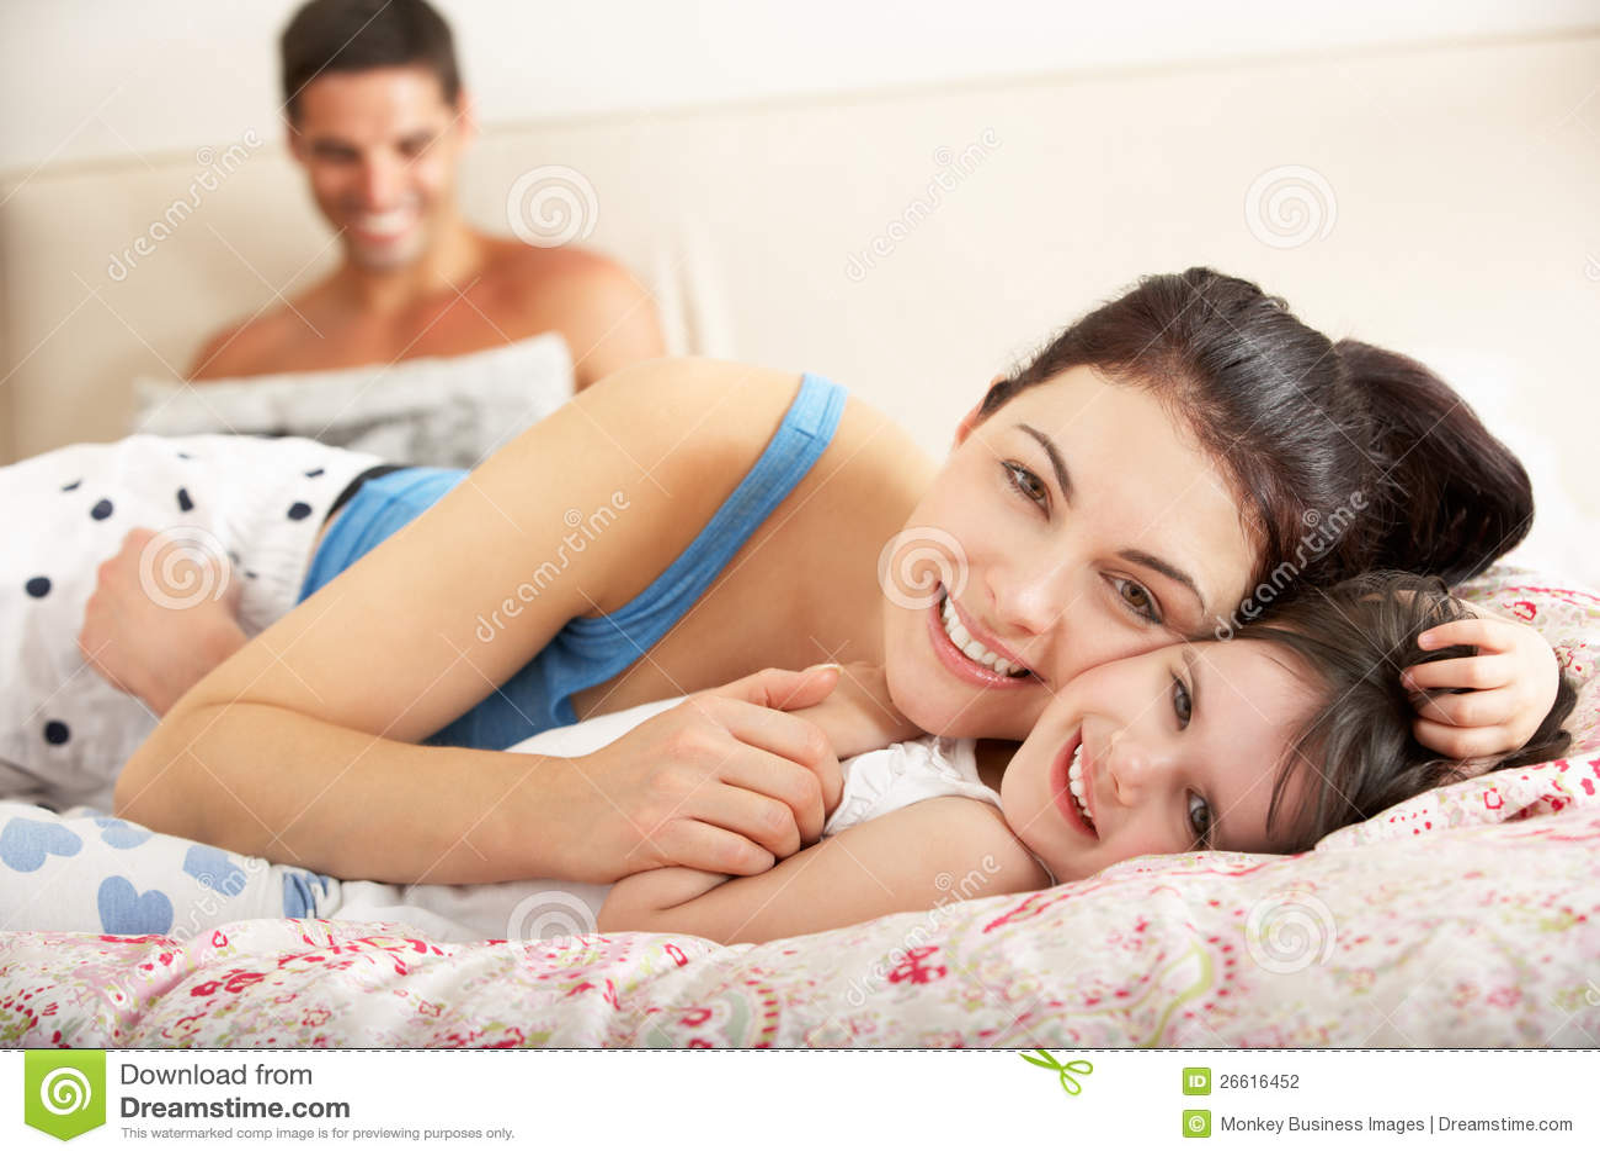 Секс о дочке, отец дочь: смотреть русское порно видео онлайн 29 фотография